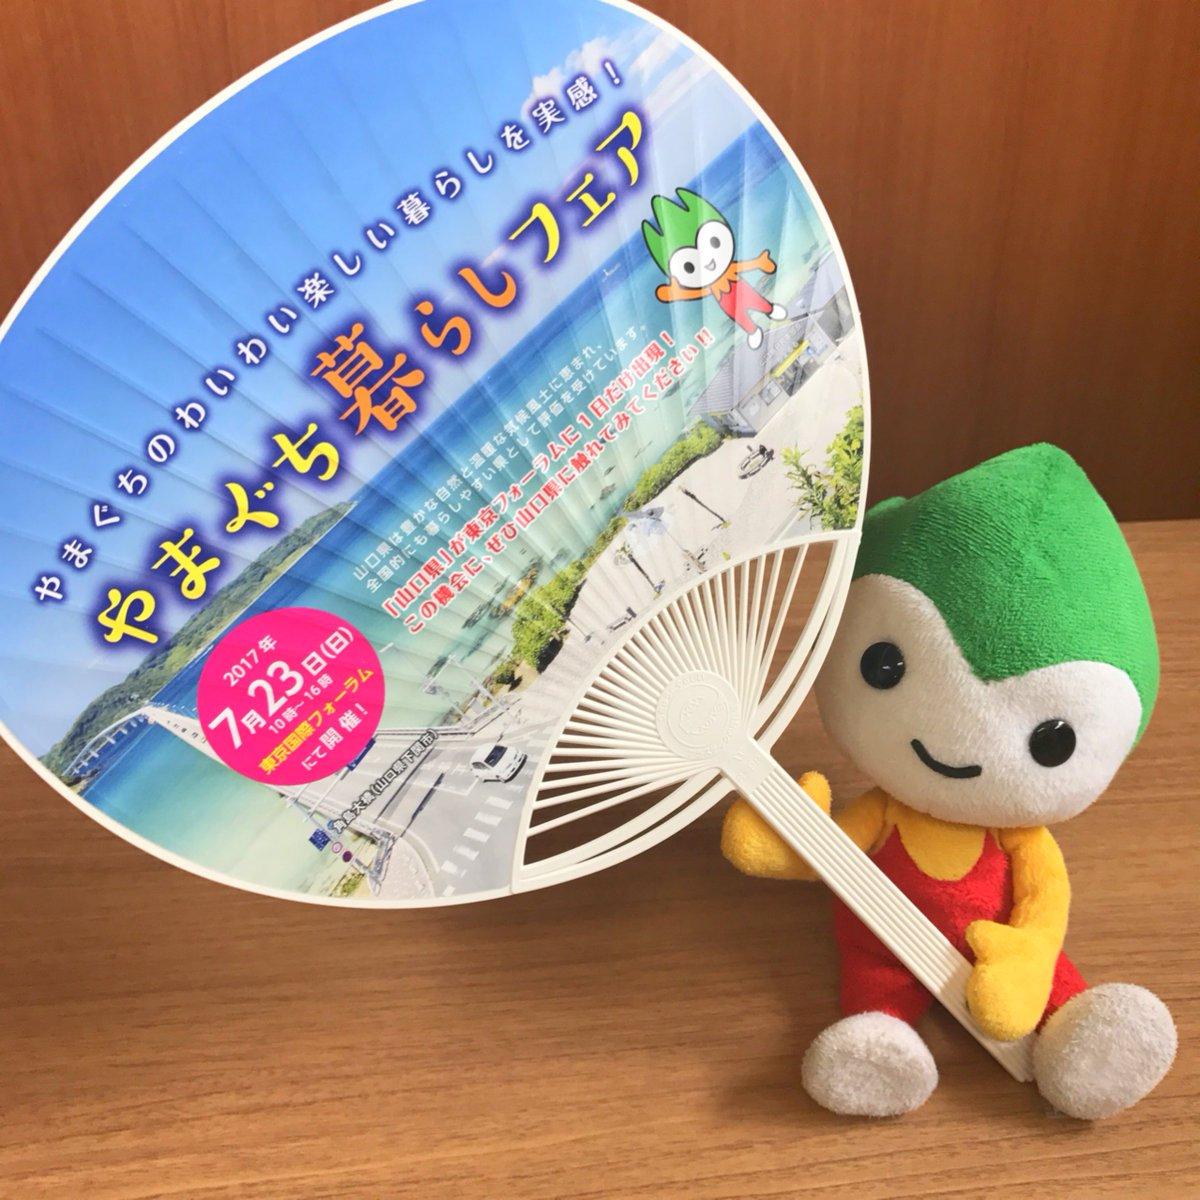 23日に東京都の東京国際フォーラムで「やまぐち暮らしフェア」が行われるよ☆彡やまぐちの魅力に触れられるステキな企画がいっ